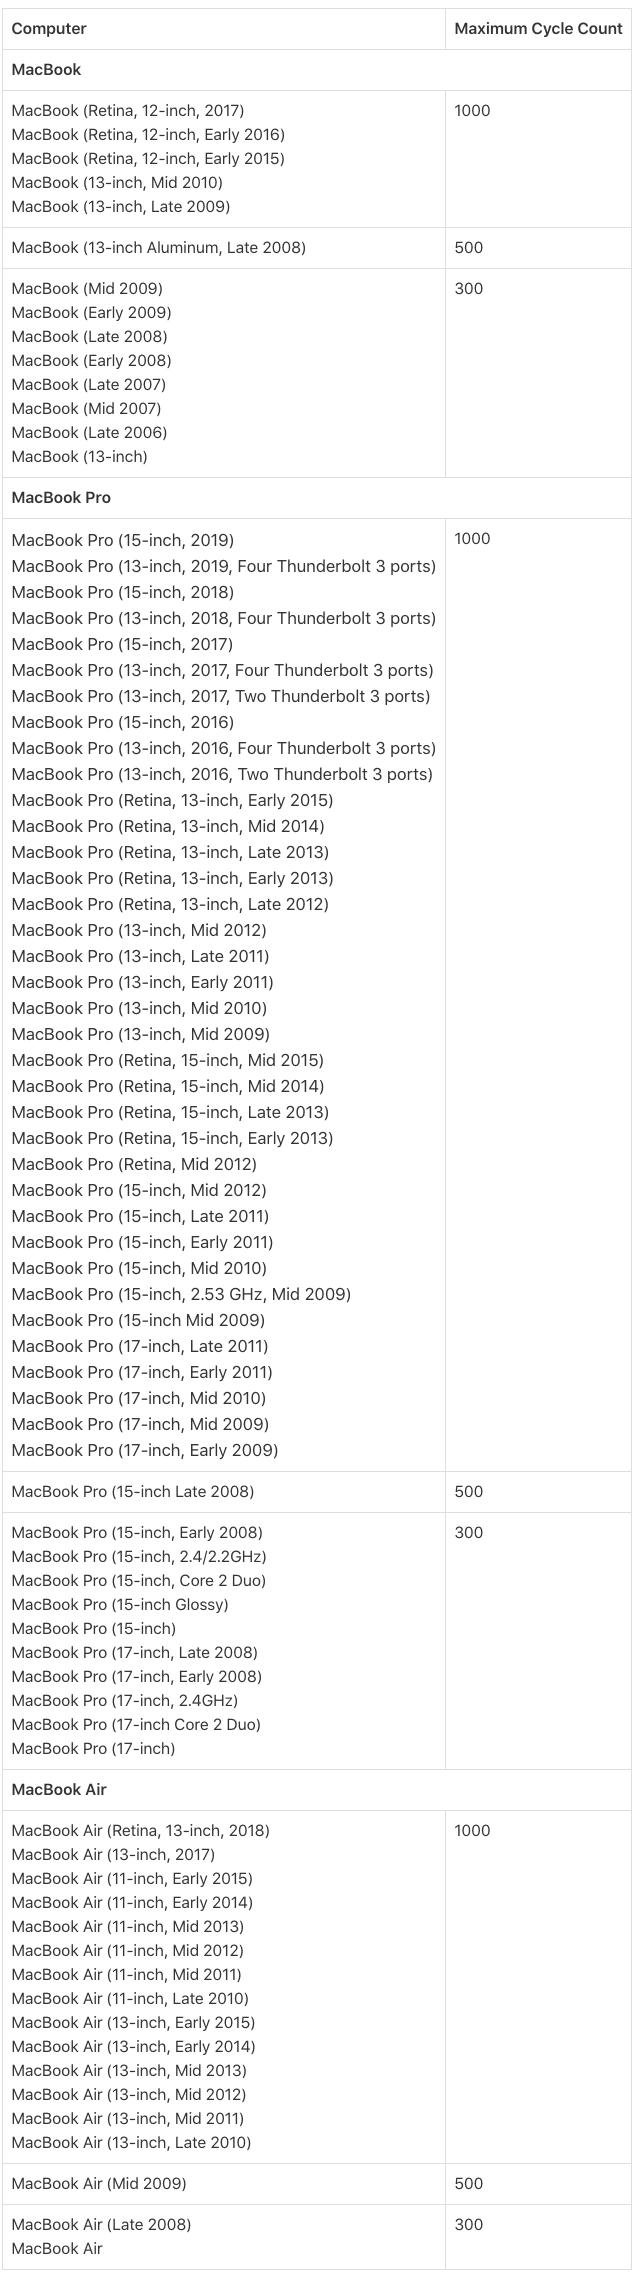 Tabel Cycle Count Baterai Macbook